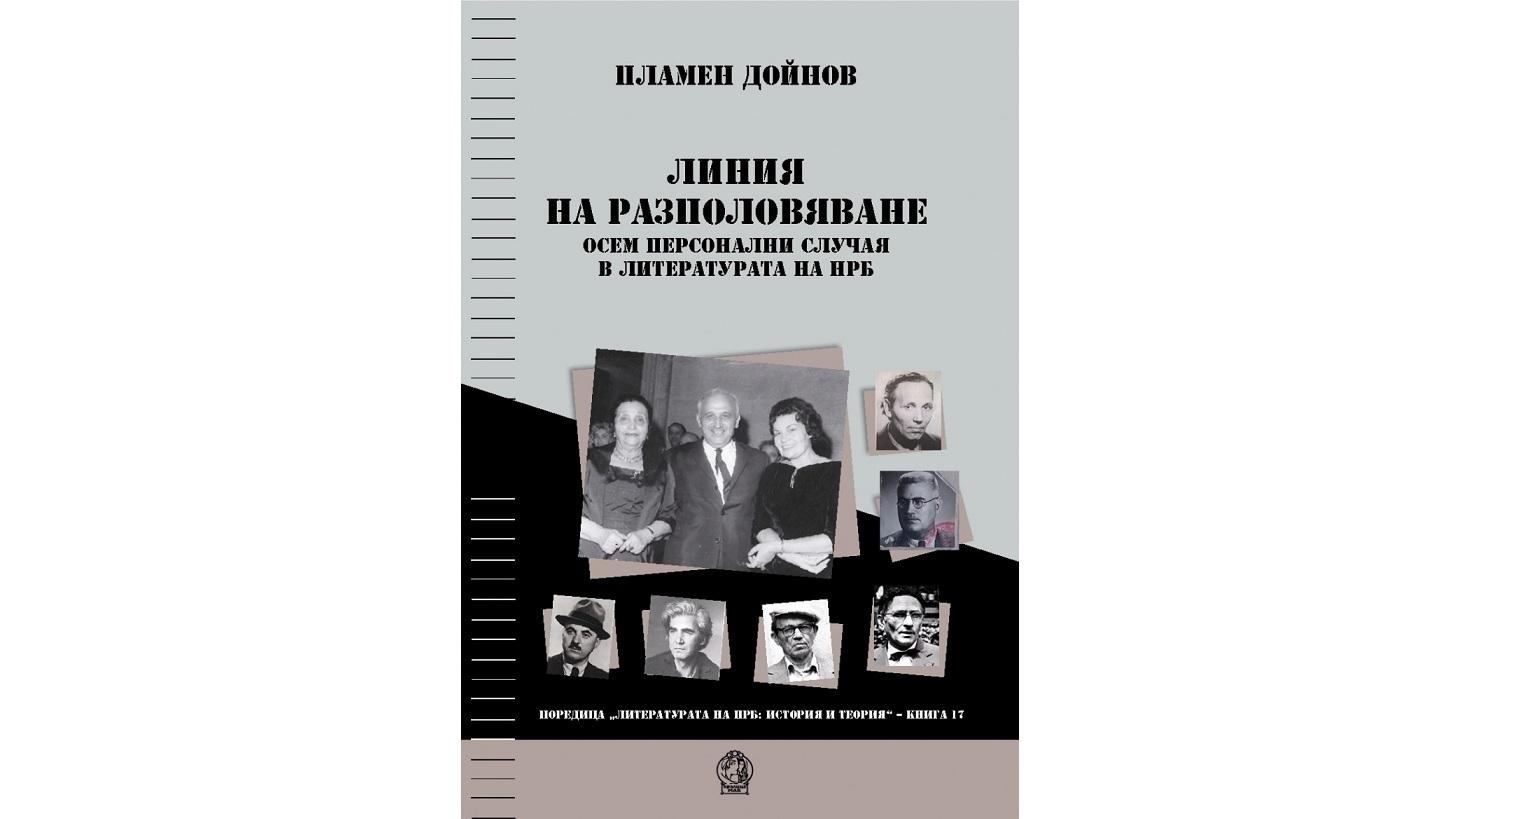 """Представяне на книгата """"Линия на разполовяванe. Осем персонални случая в литературата на НРБ"""" от проф. Пламен Дойнов, д.н."""